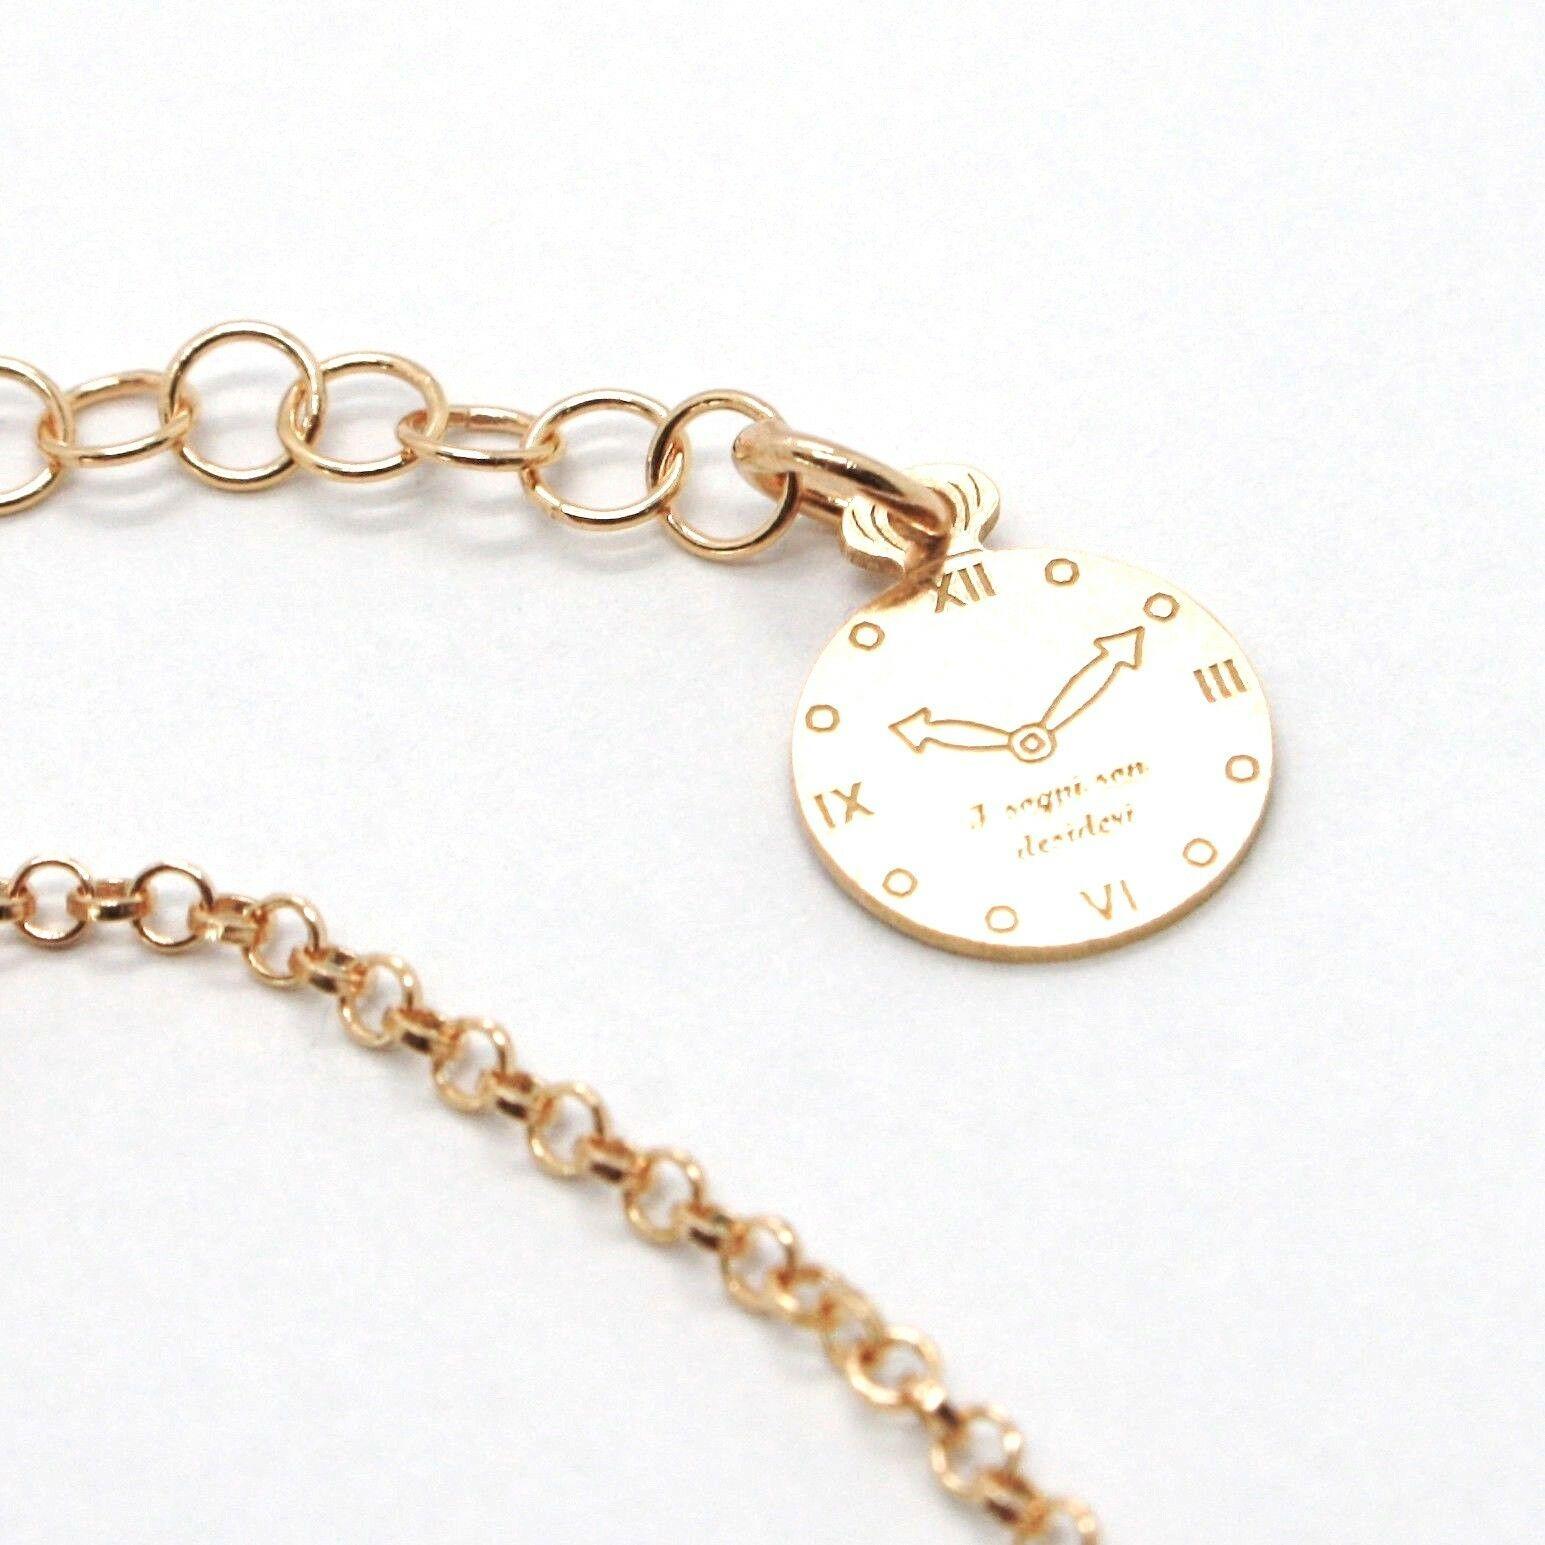 Pulsera de Plata 925 Laminado en Oro Rosa Le Favole con Lazo AG-901-BR-52 image 4